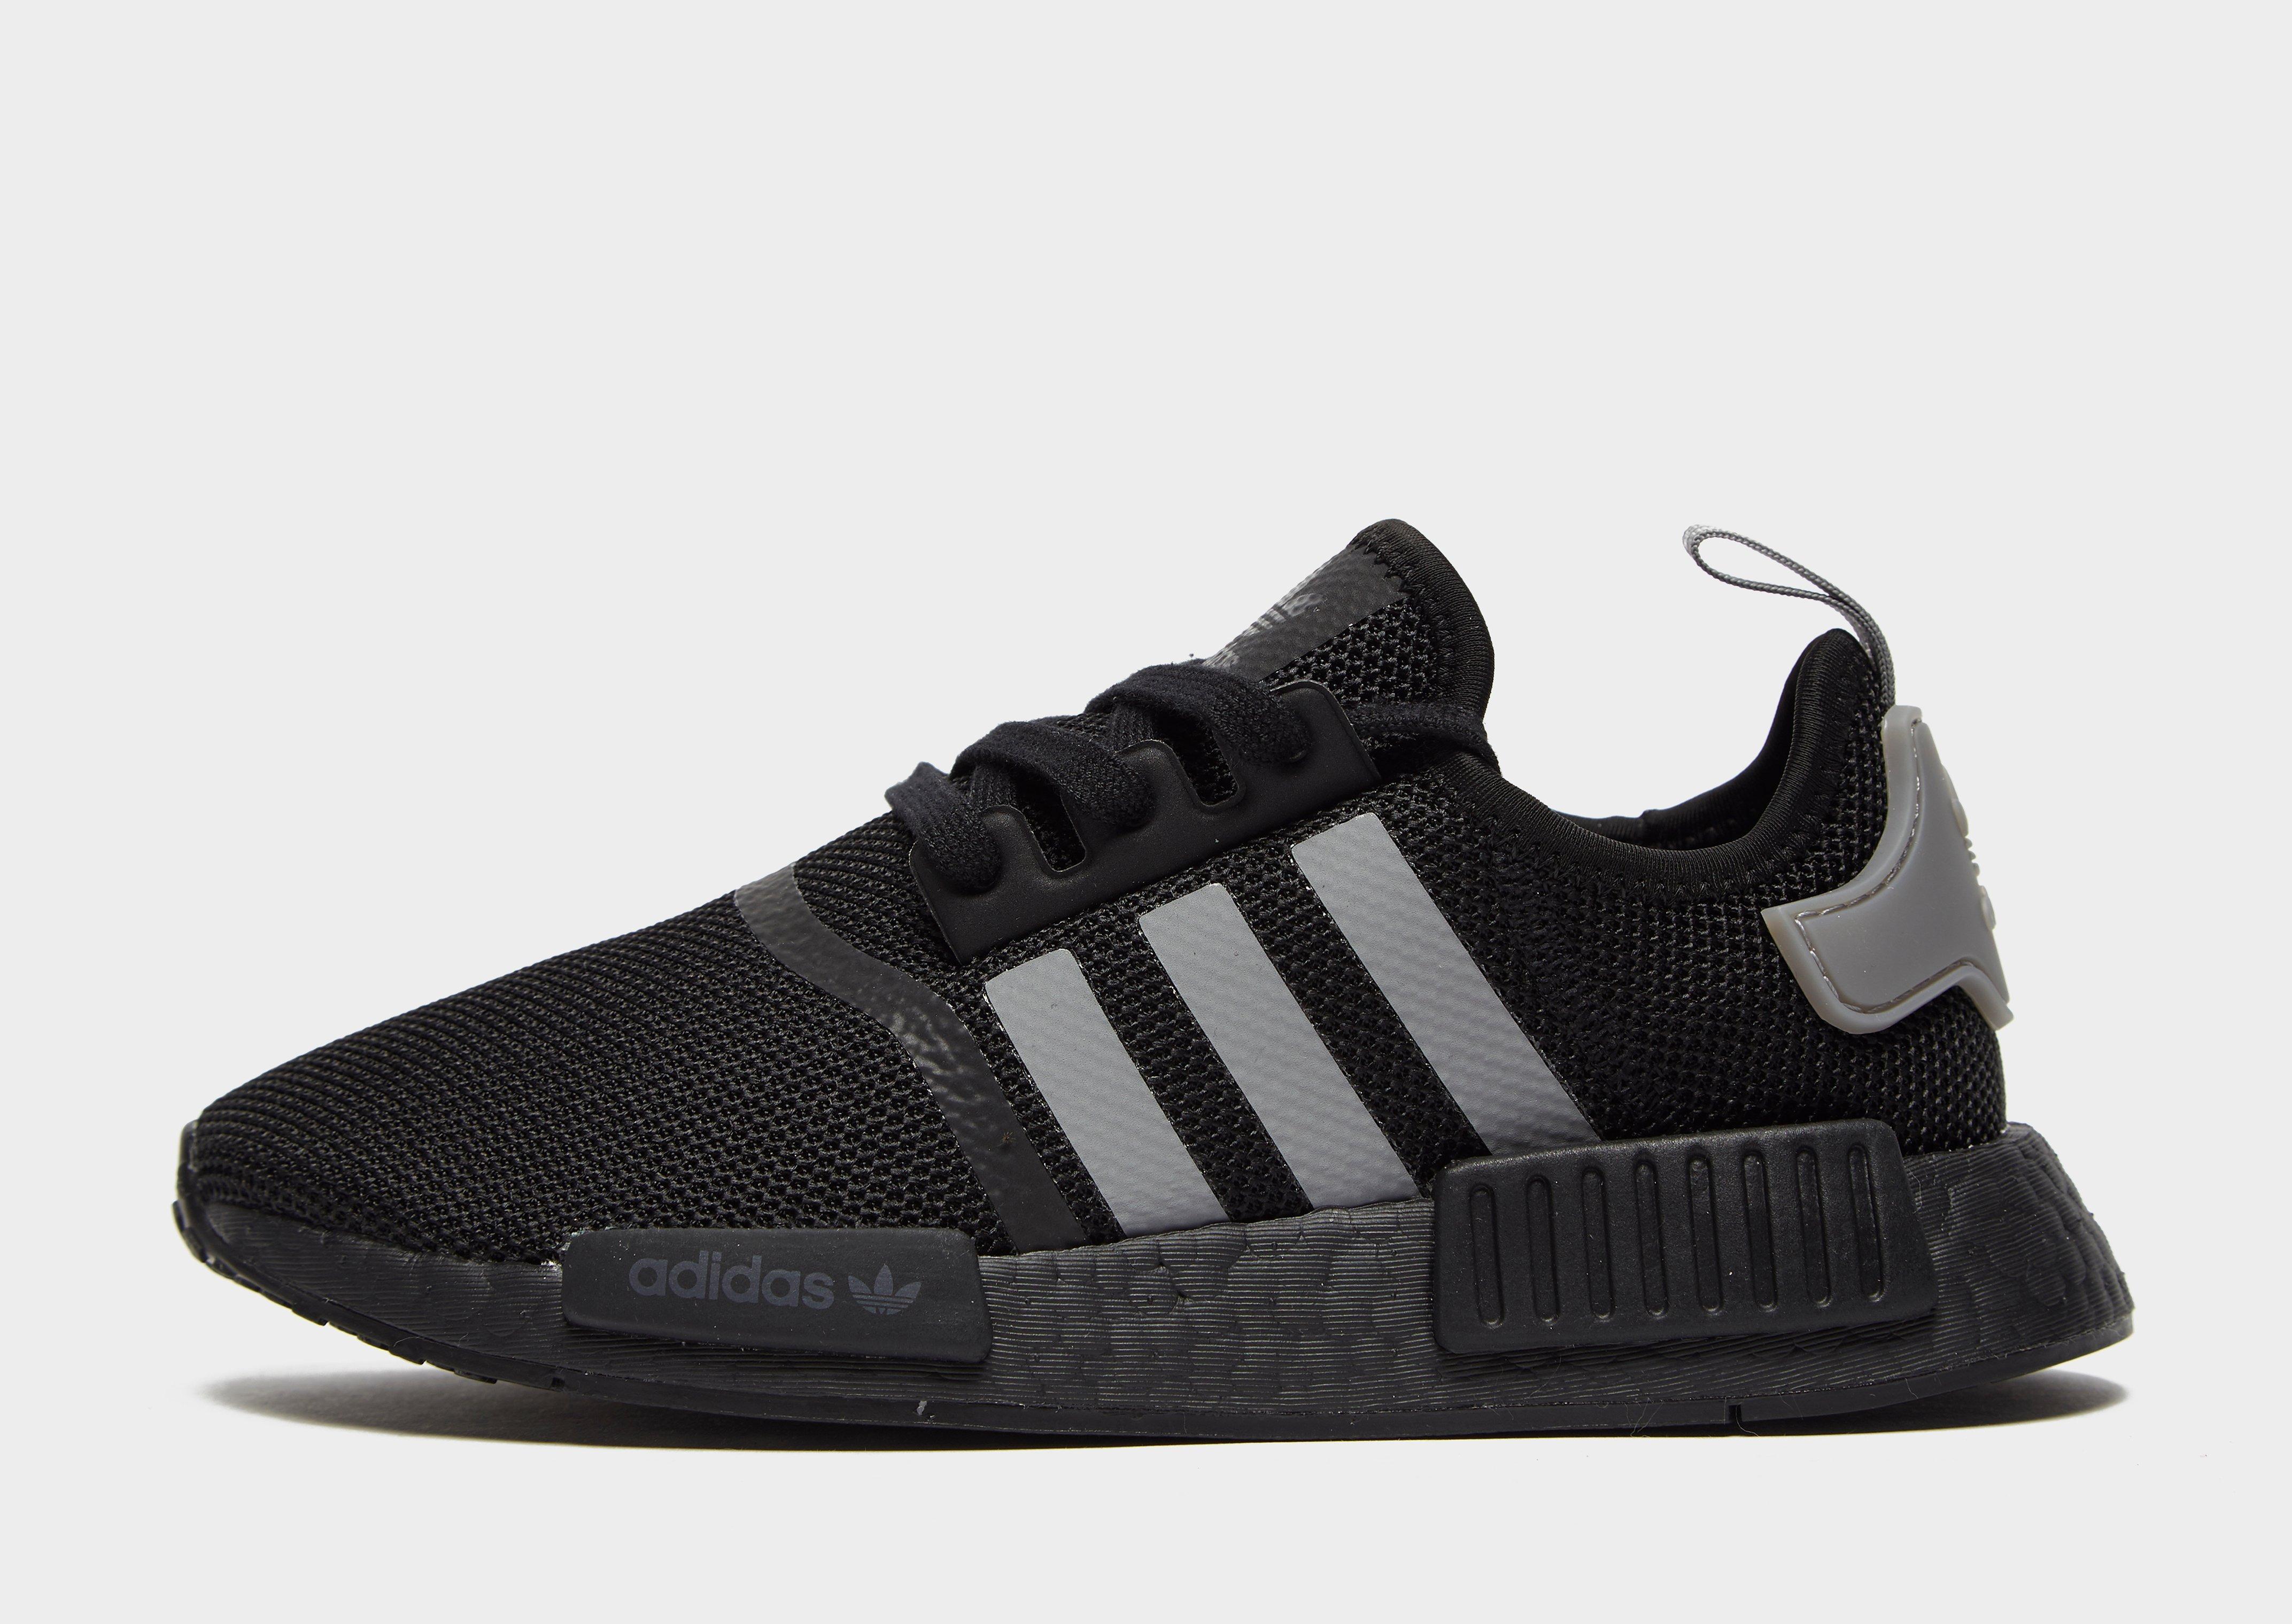 Sverige adidas nmd runner herr skor mörkgrå och svarta